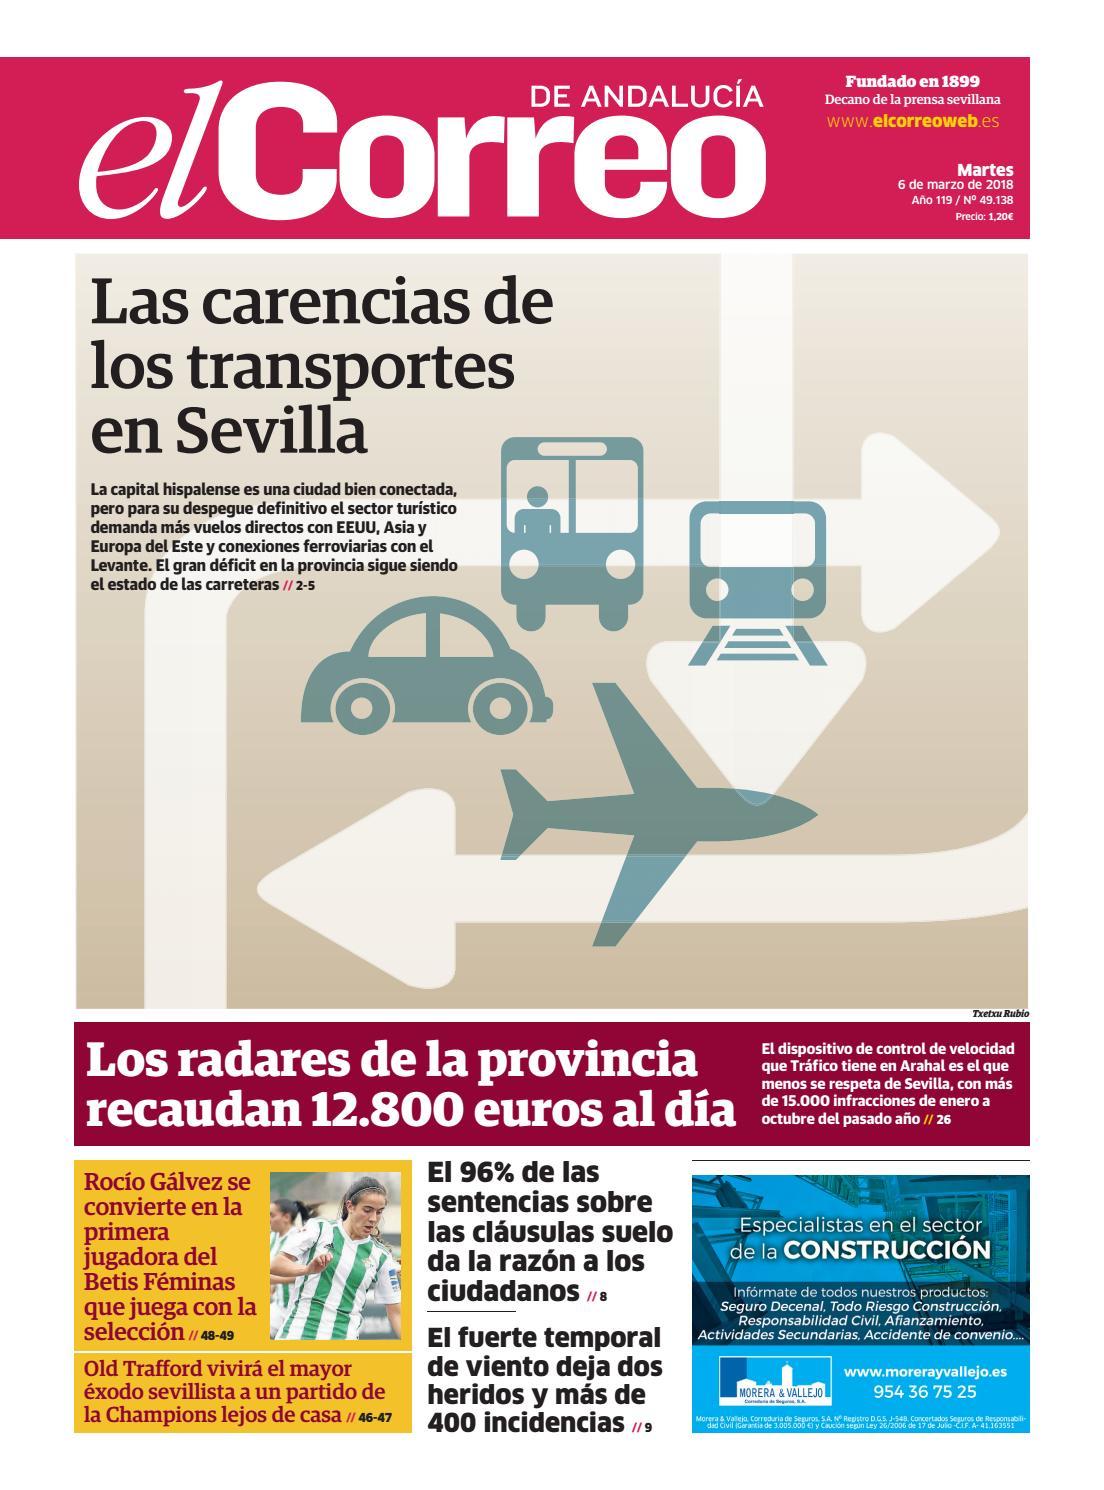 06.03.2018 El Correo de Andalucía by EL CORREO DE ANDALUCÍA S.L. - issuu 127a27c7889